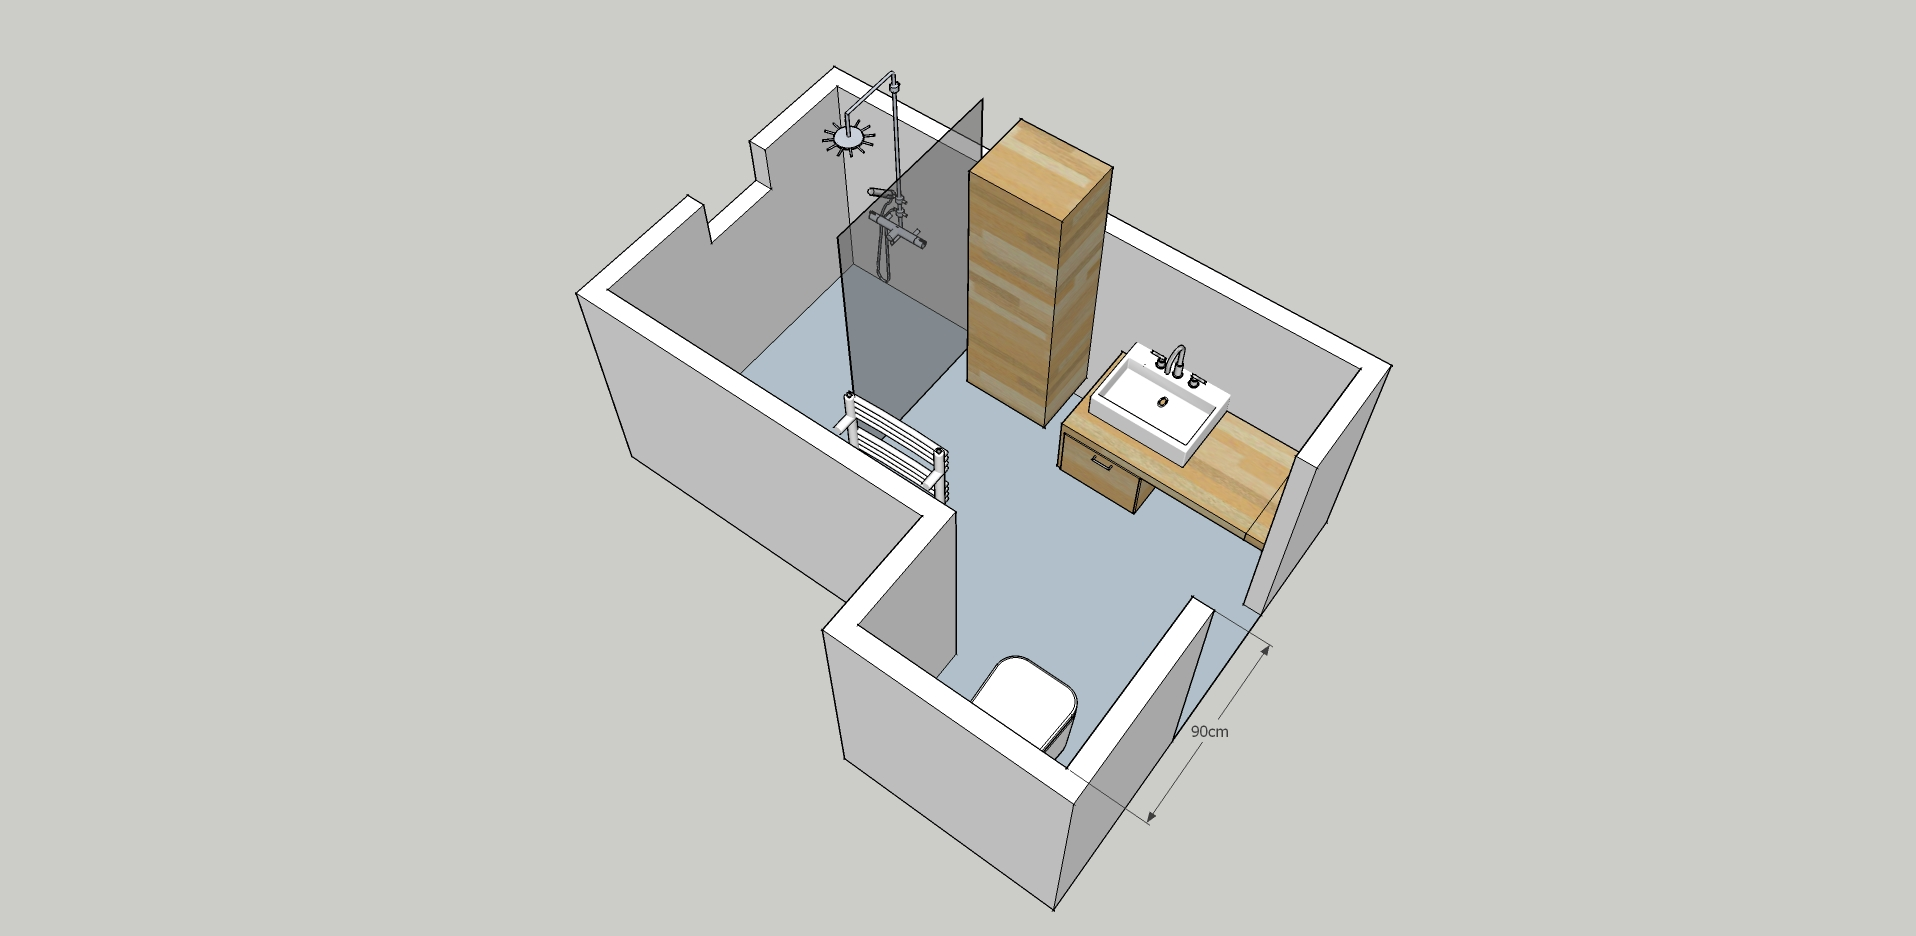 Plan salle d'eau 6m2